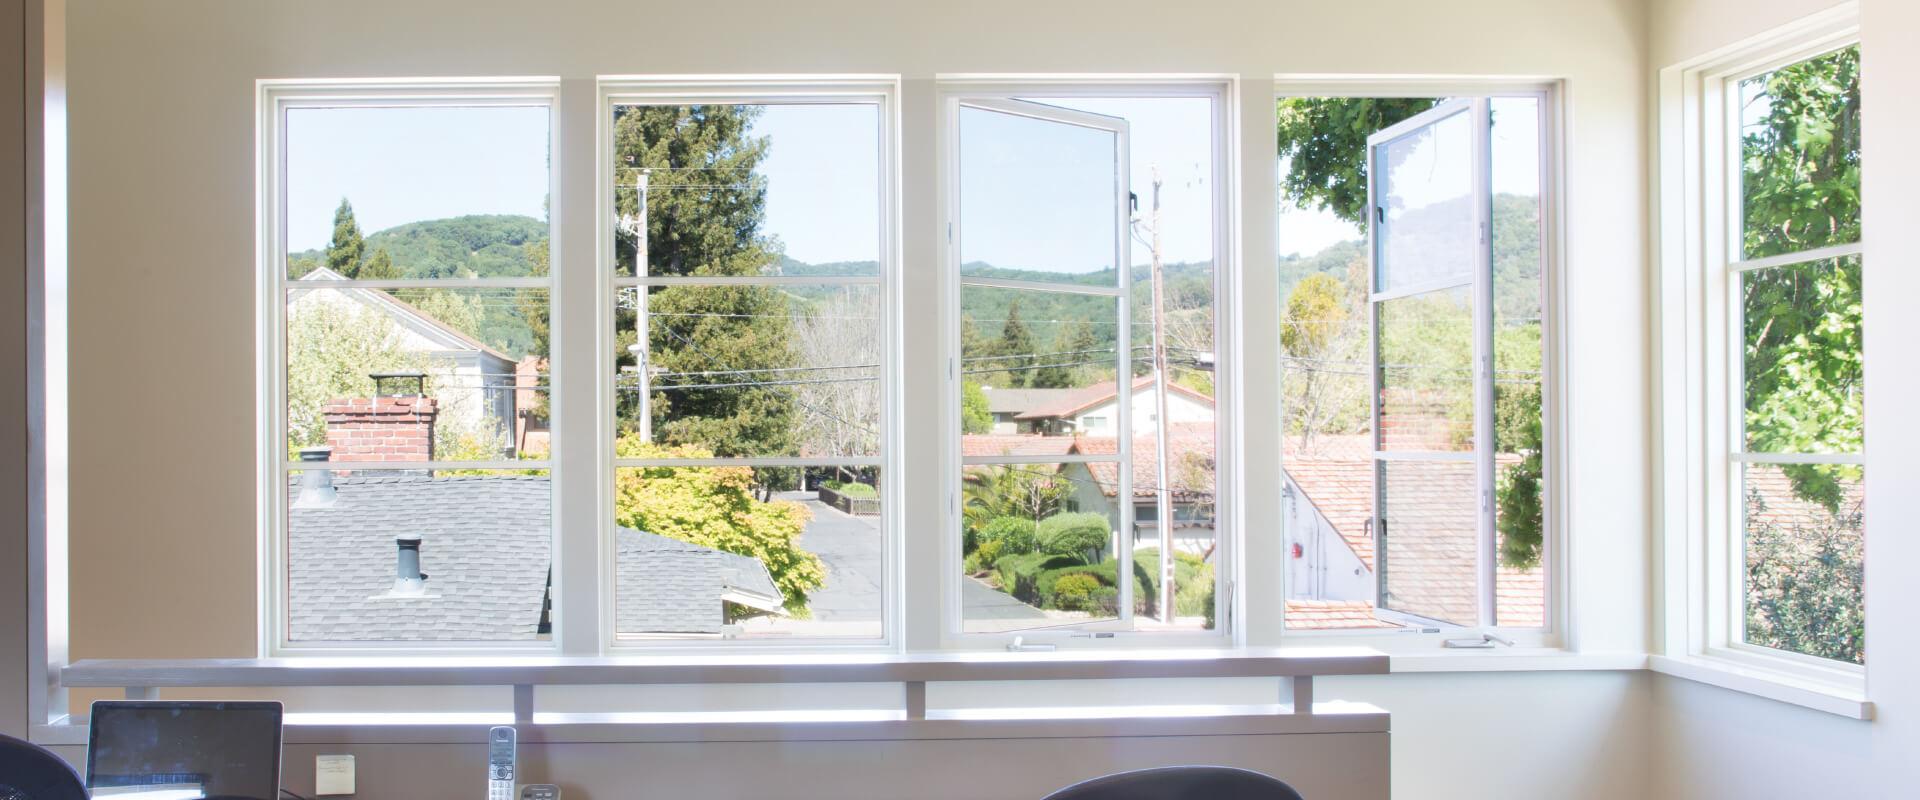 Y613 VistaLuxe Casements hero - What Are Casement Windows?